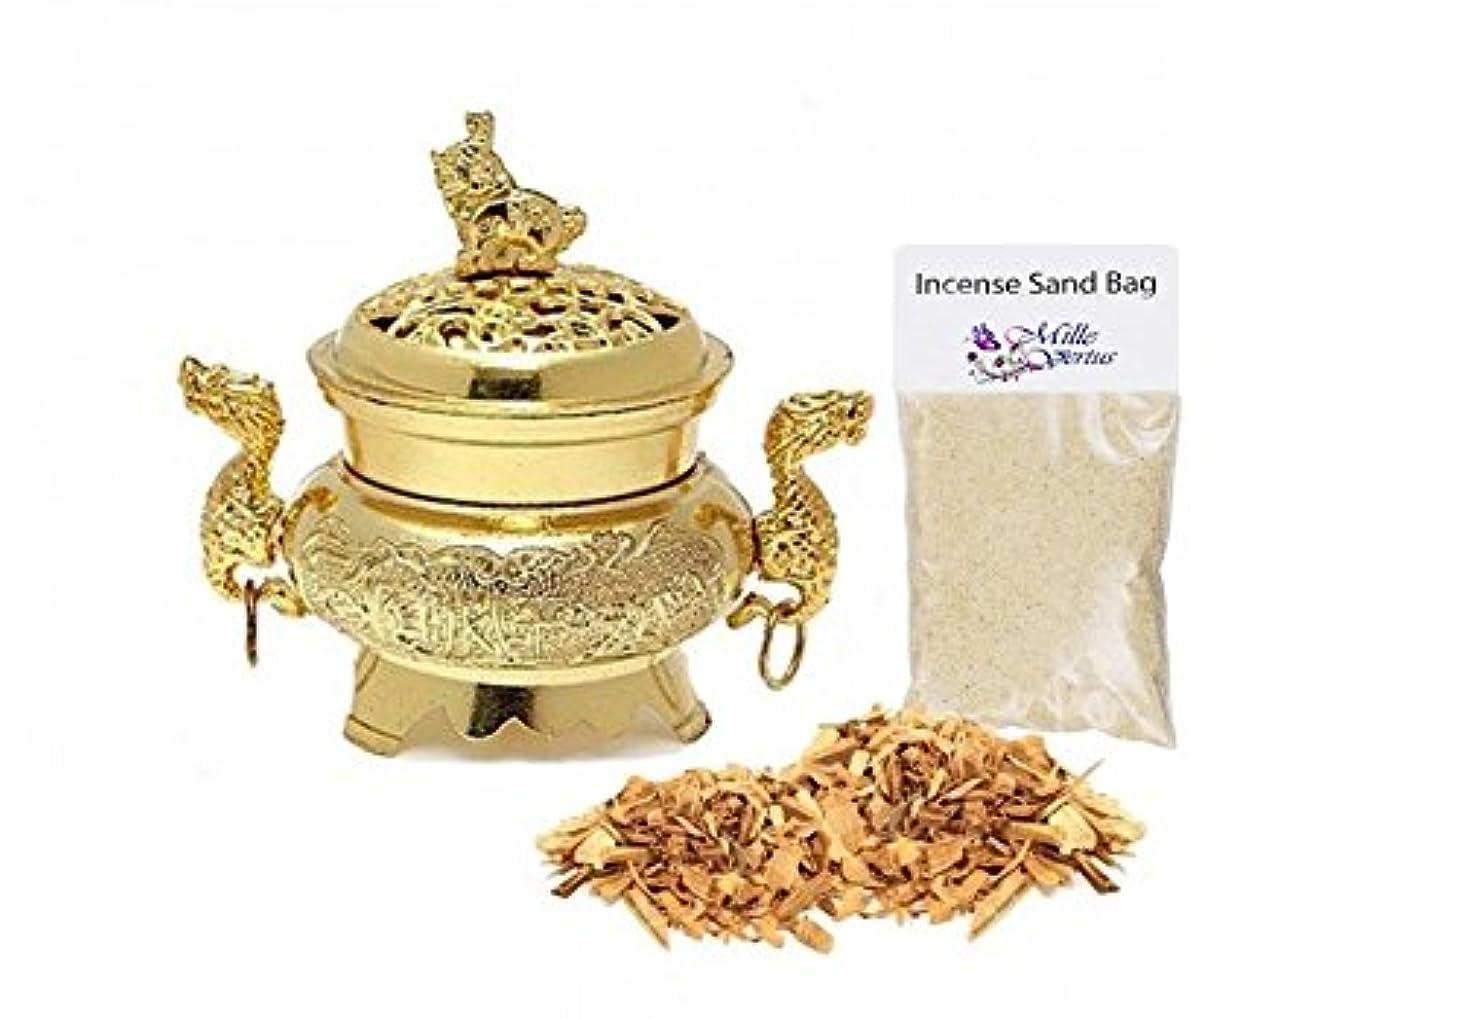 淡いファーザーファージュ呼びかけるダブルドラゴン香炉ホルダーwith Palo SantoウッドIncense Burningキット(ゴールド)